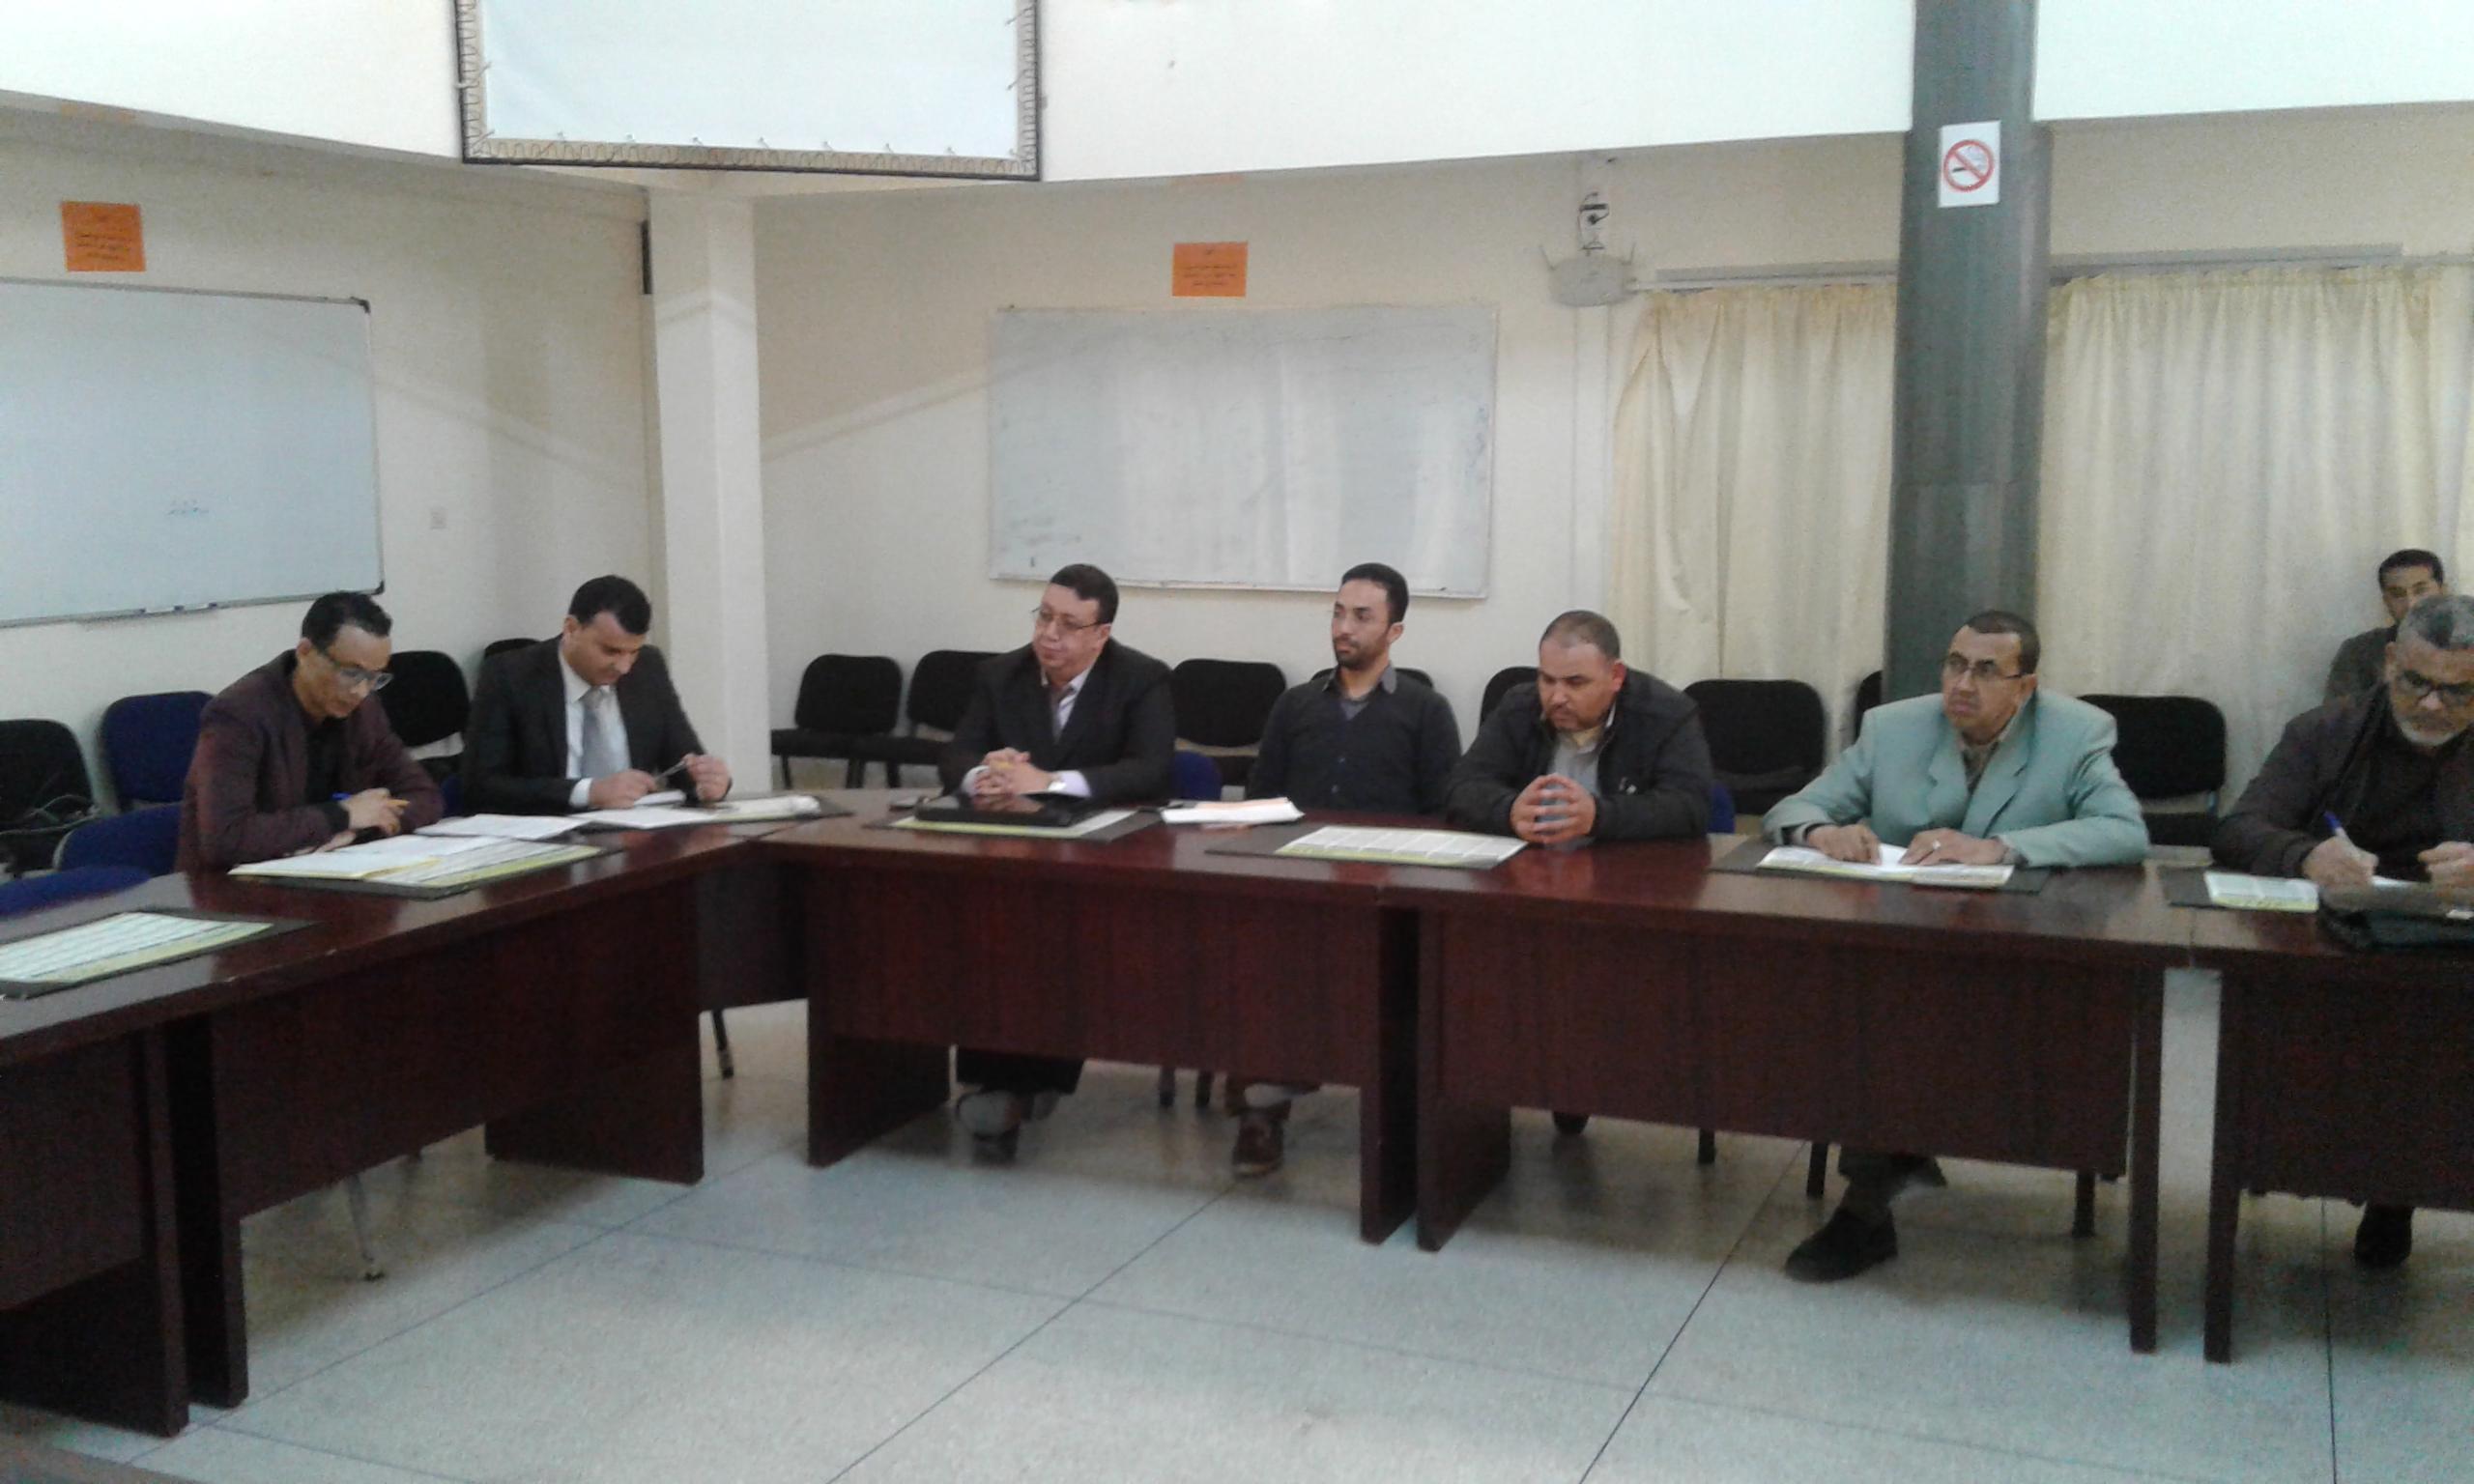 لقاء تواصلي حول الحصيلة المرحلية للمسالك الدولية للباكلوريا المغربية بمديرية تيزنيت